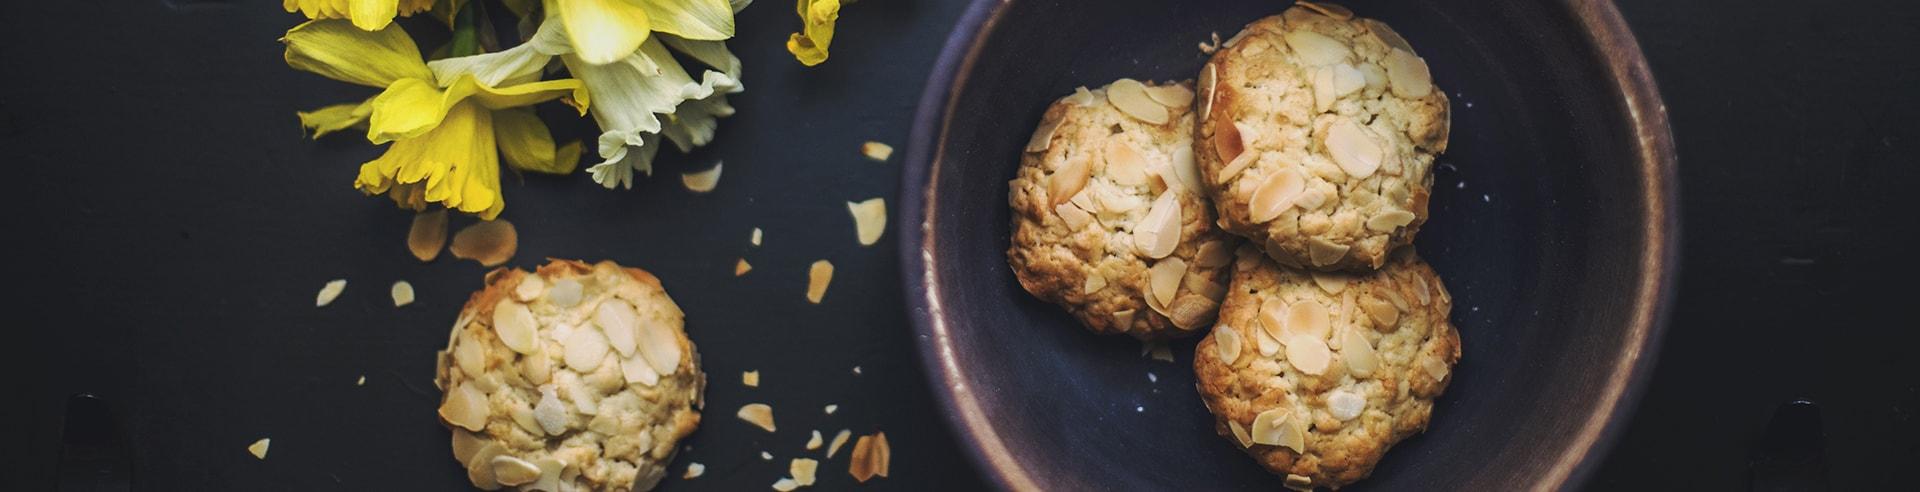 Slipsebanditten.dk - Cookies og sikkerhed